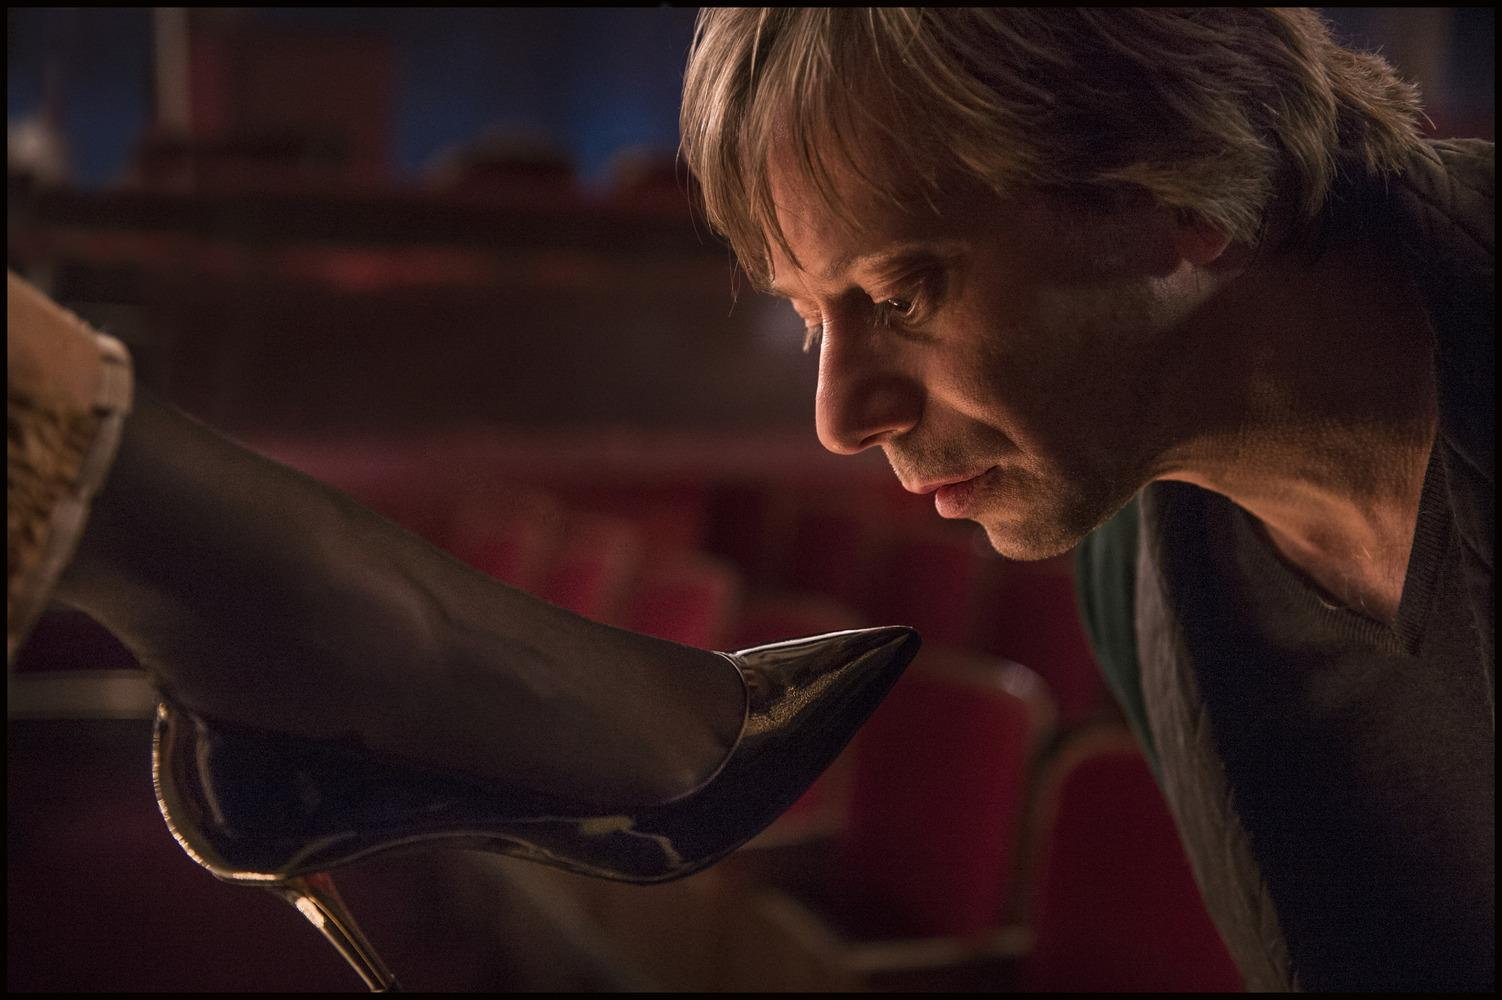 La Vénus à la fourrure : la lutte des sexes selon Polanski